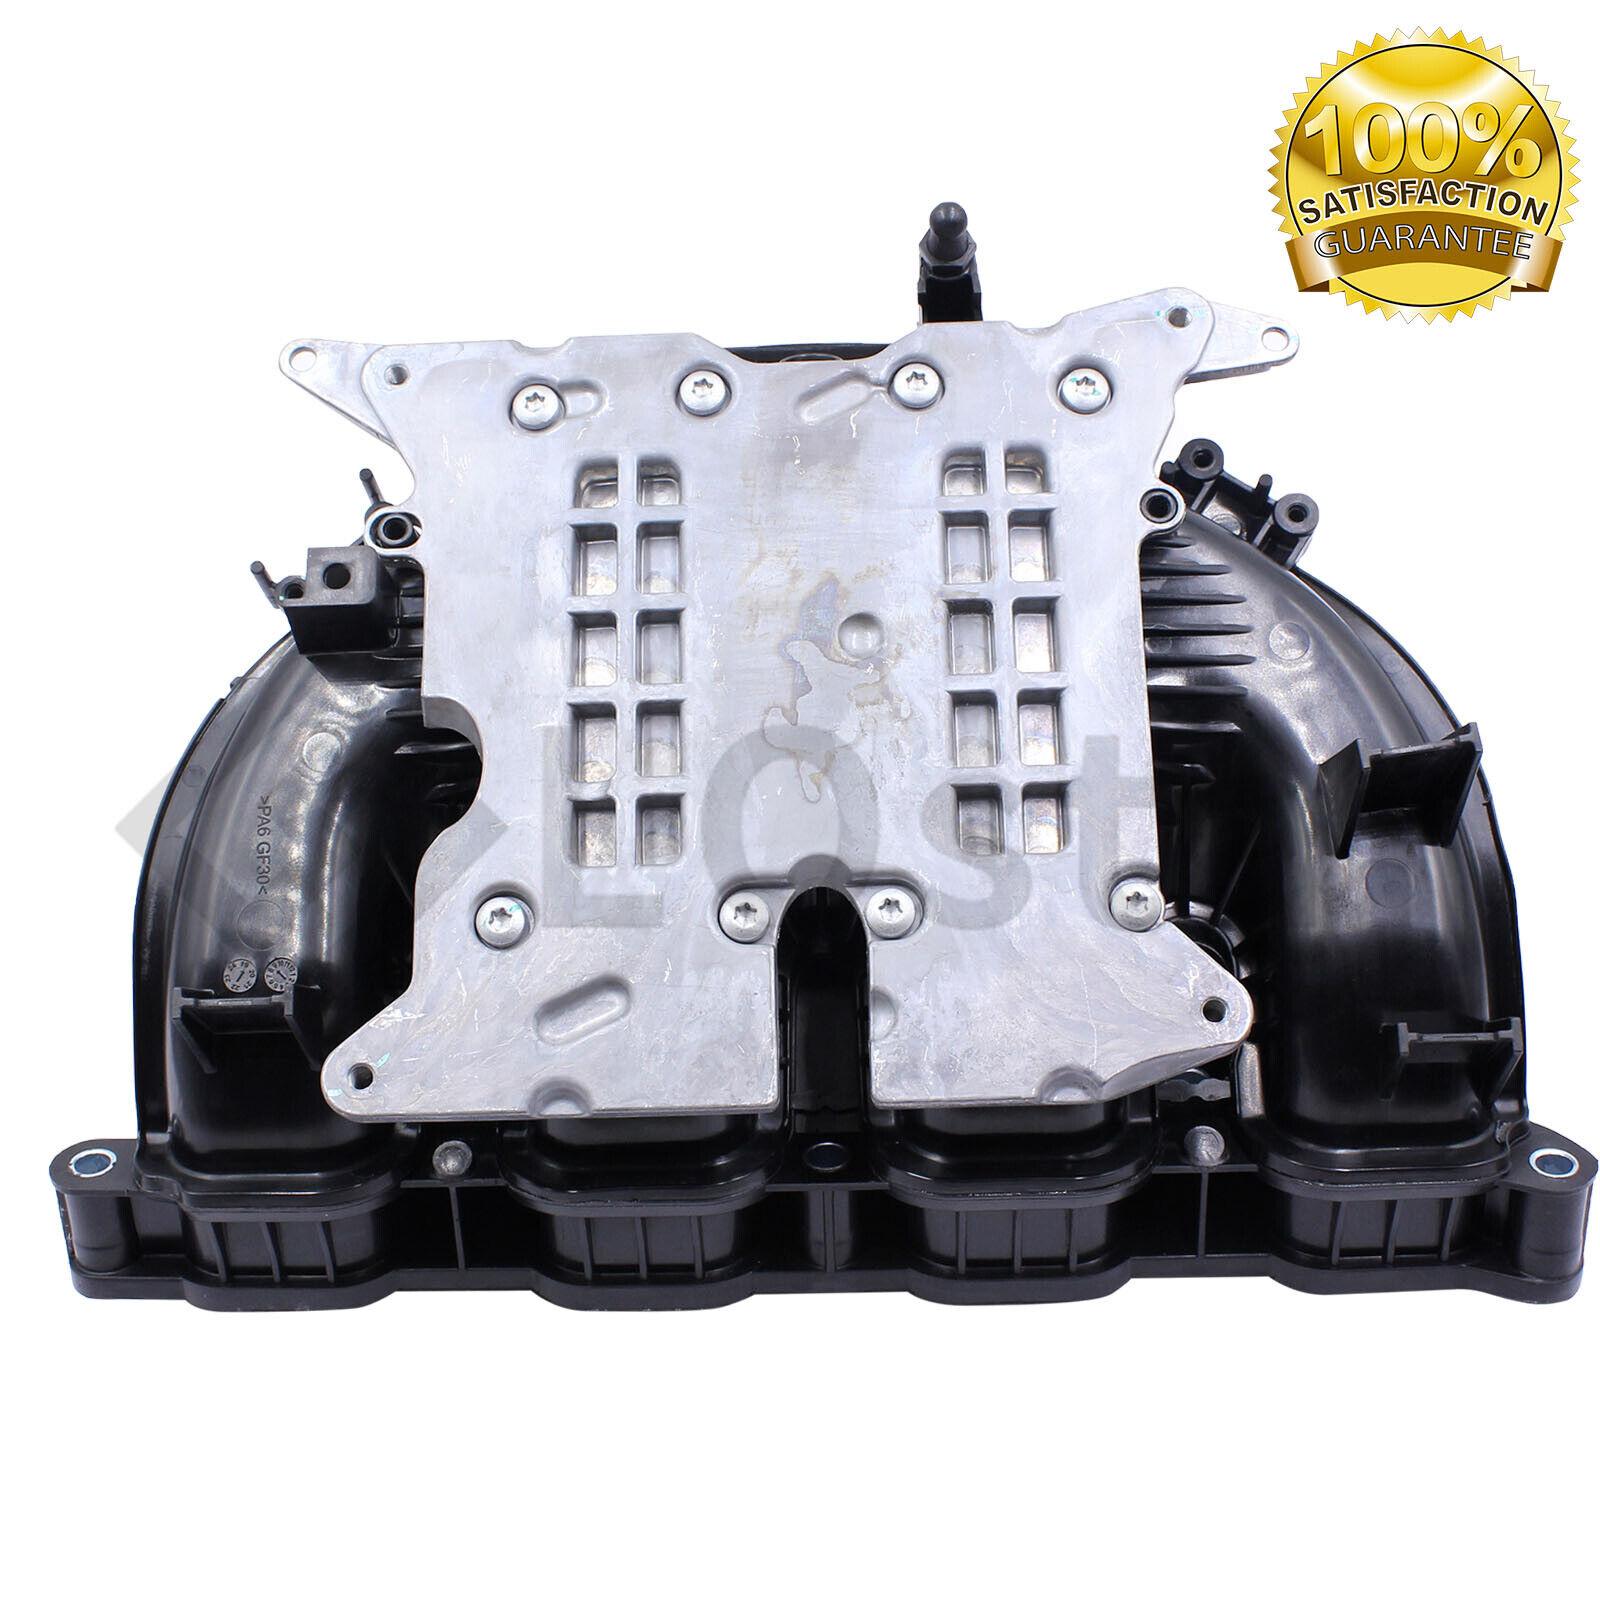 Engine Intake Manifold Fits BMW X1 X3 X5 228i 328i 428i